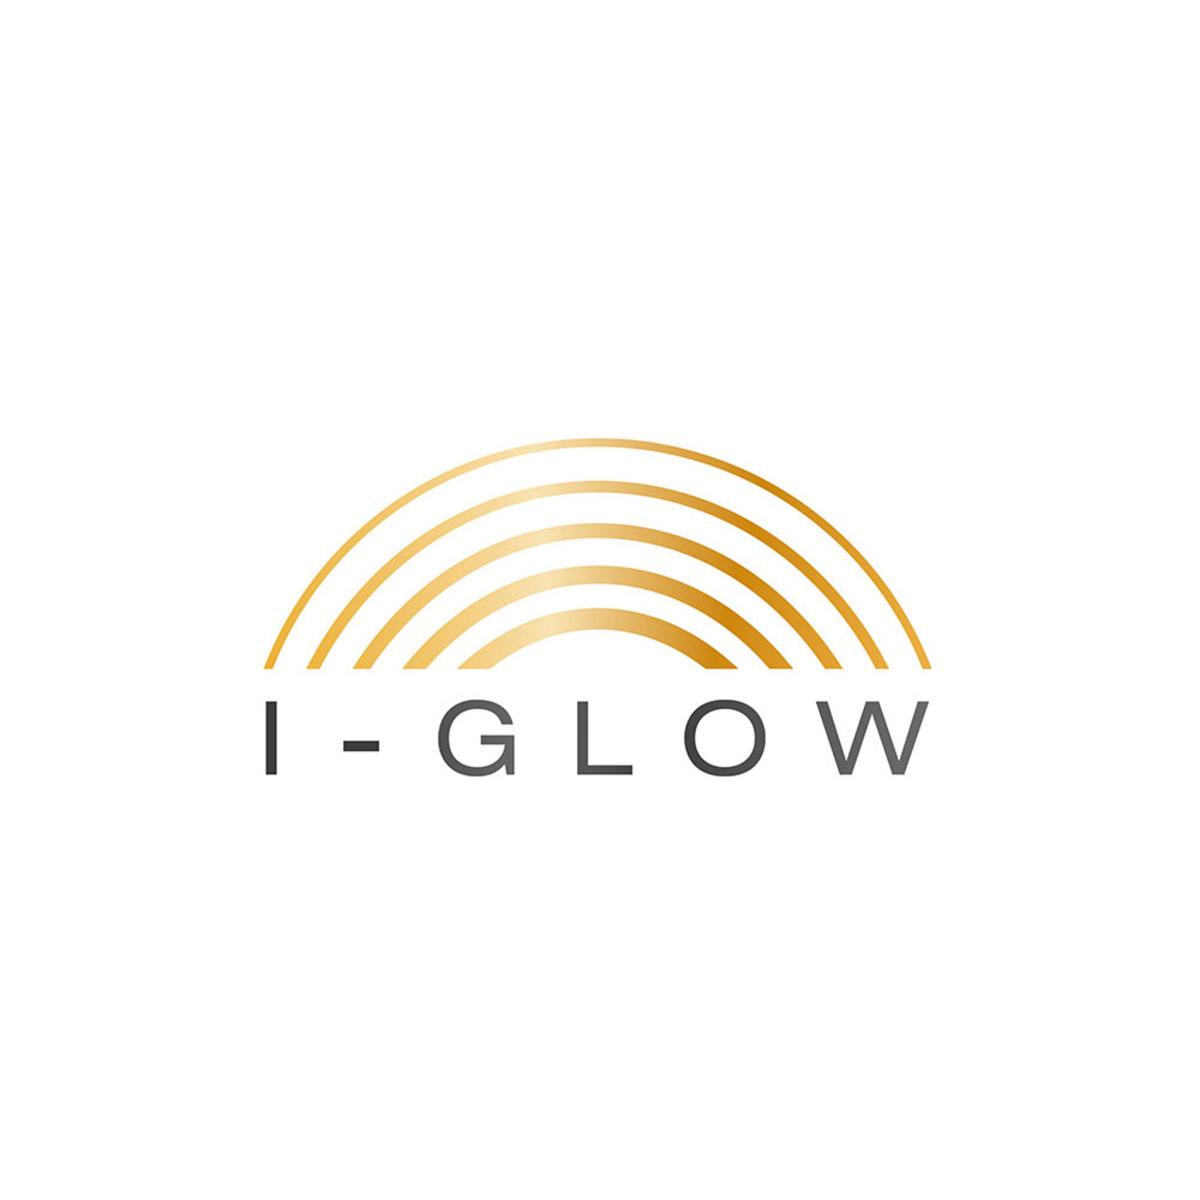 Bild 2 von I-Glow LED Acryl-Sternleuchte, Warmweiß